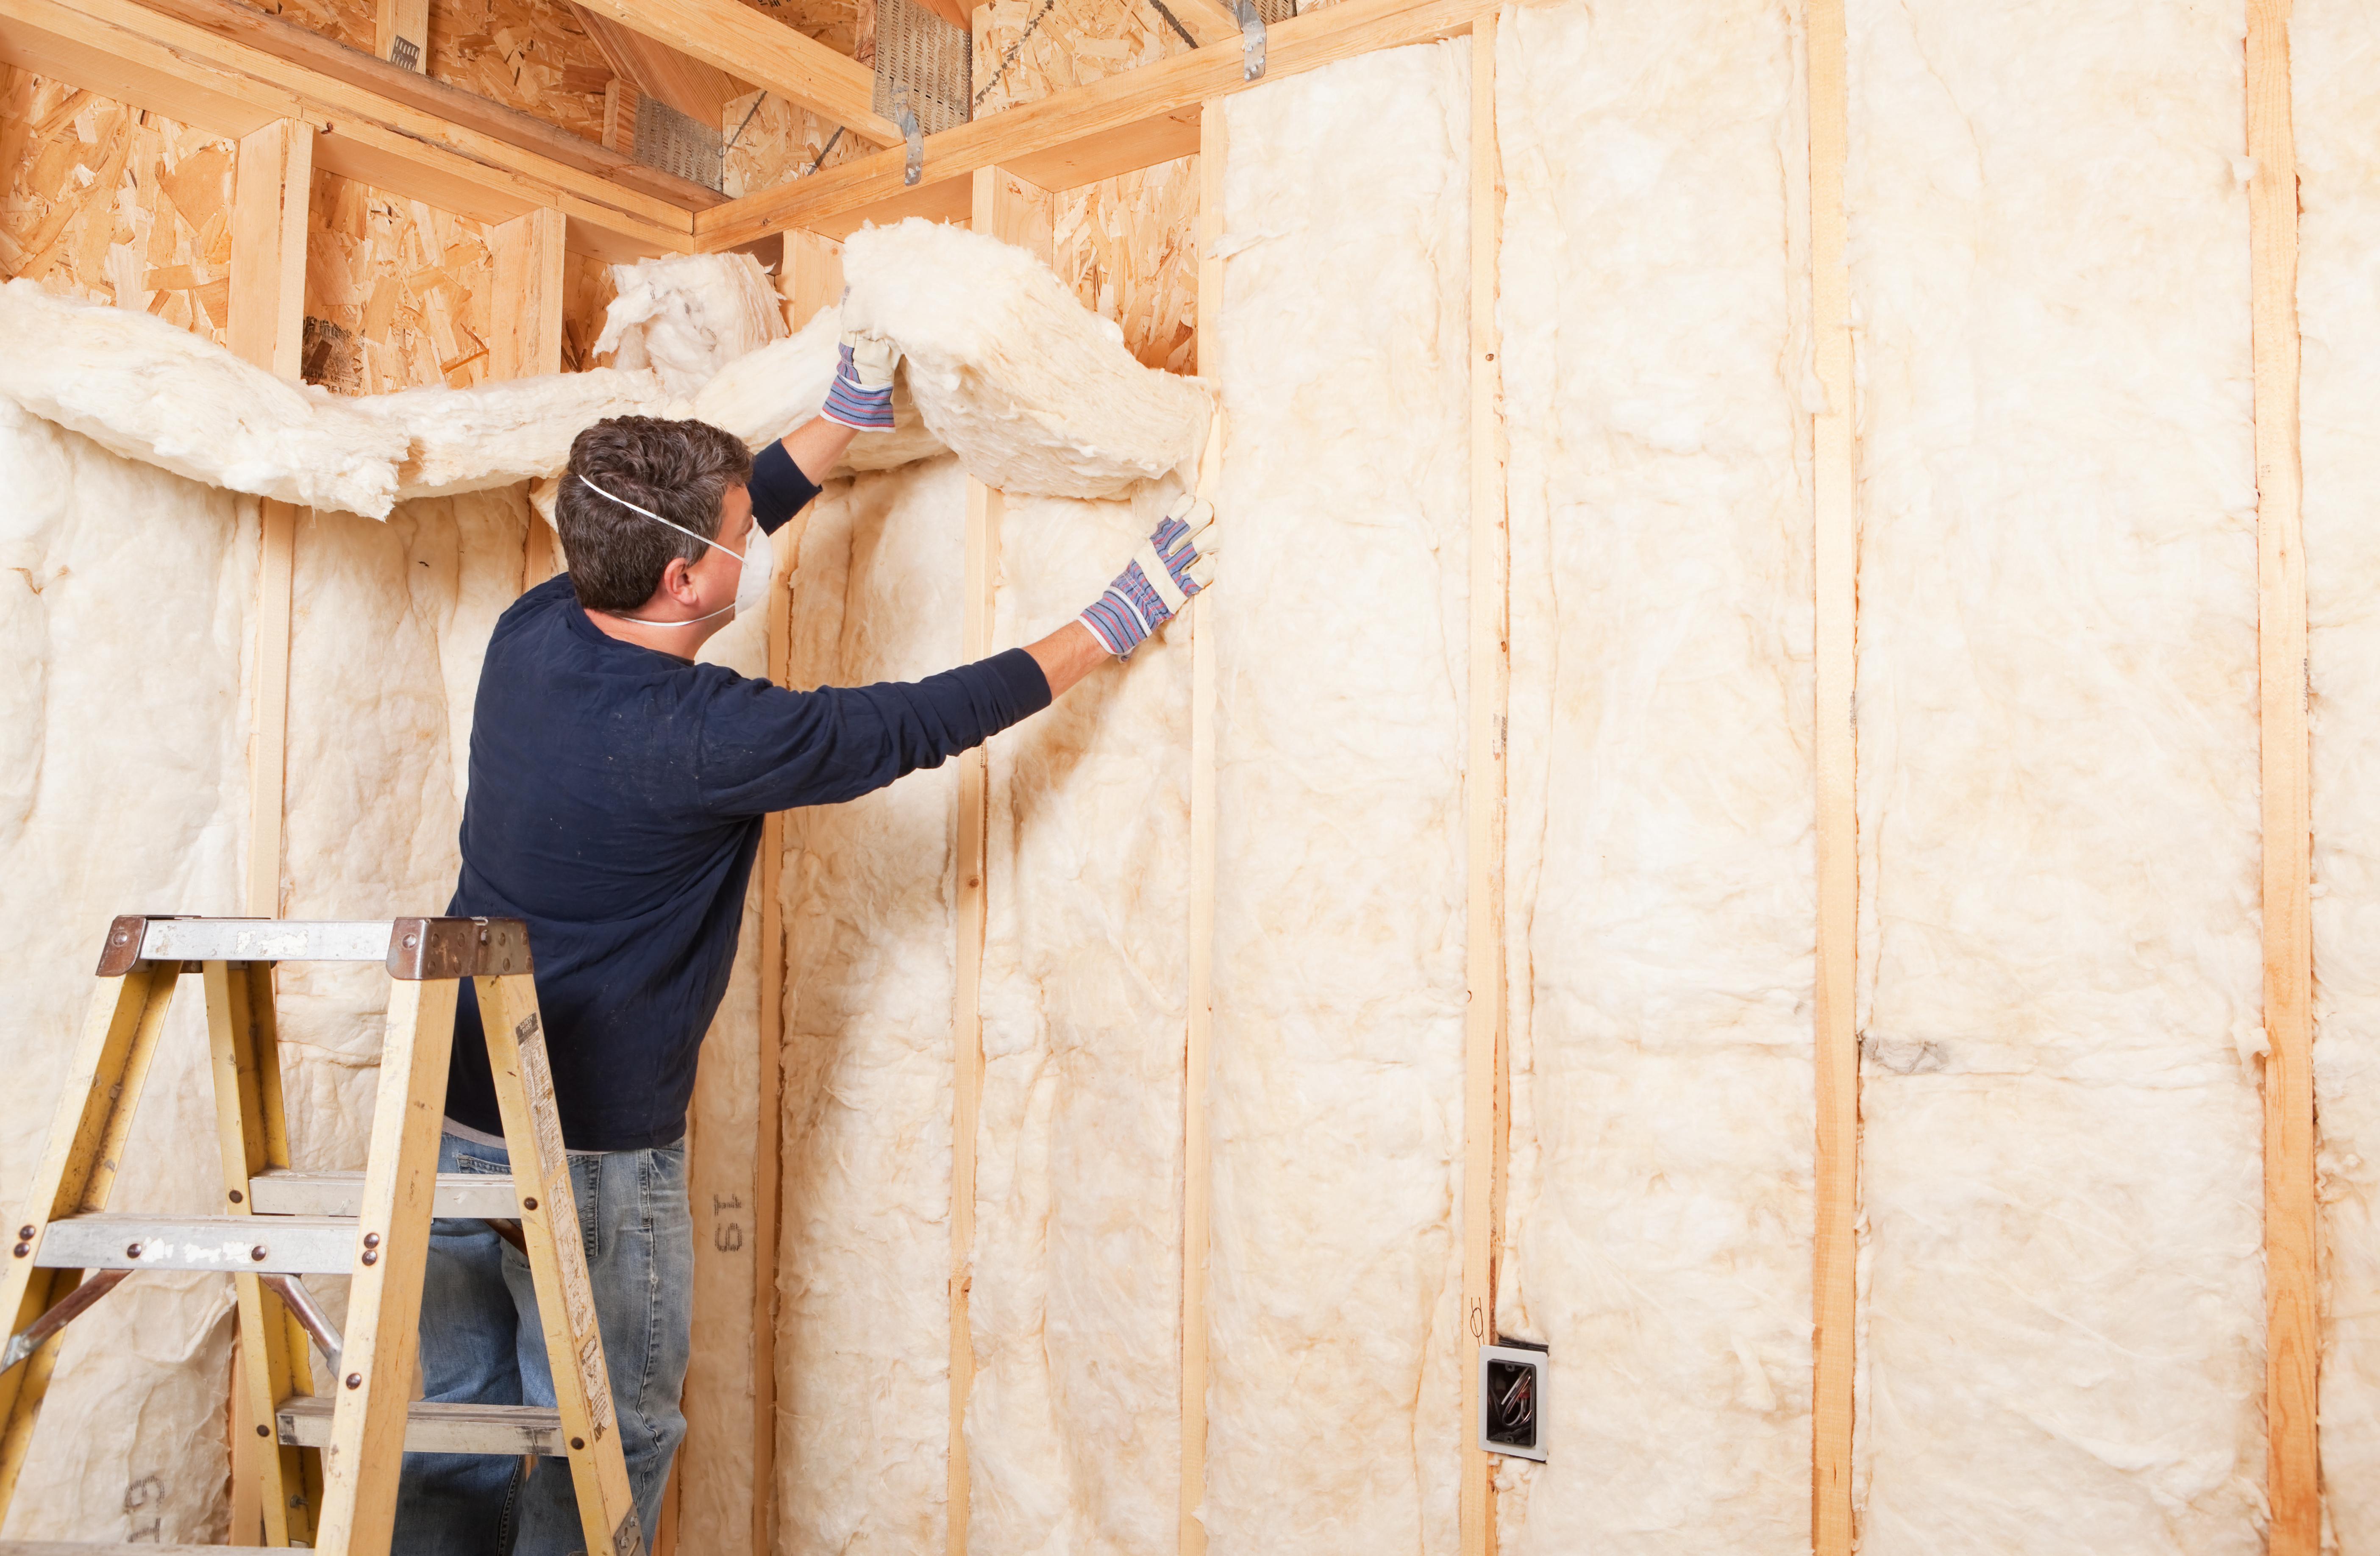 Construction Worker Insulating Wall with Fiberglass Batt